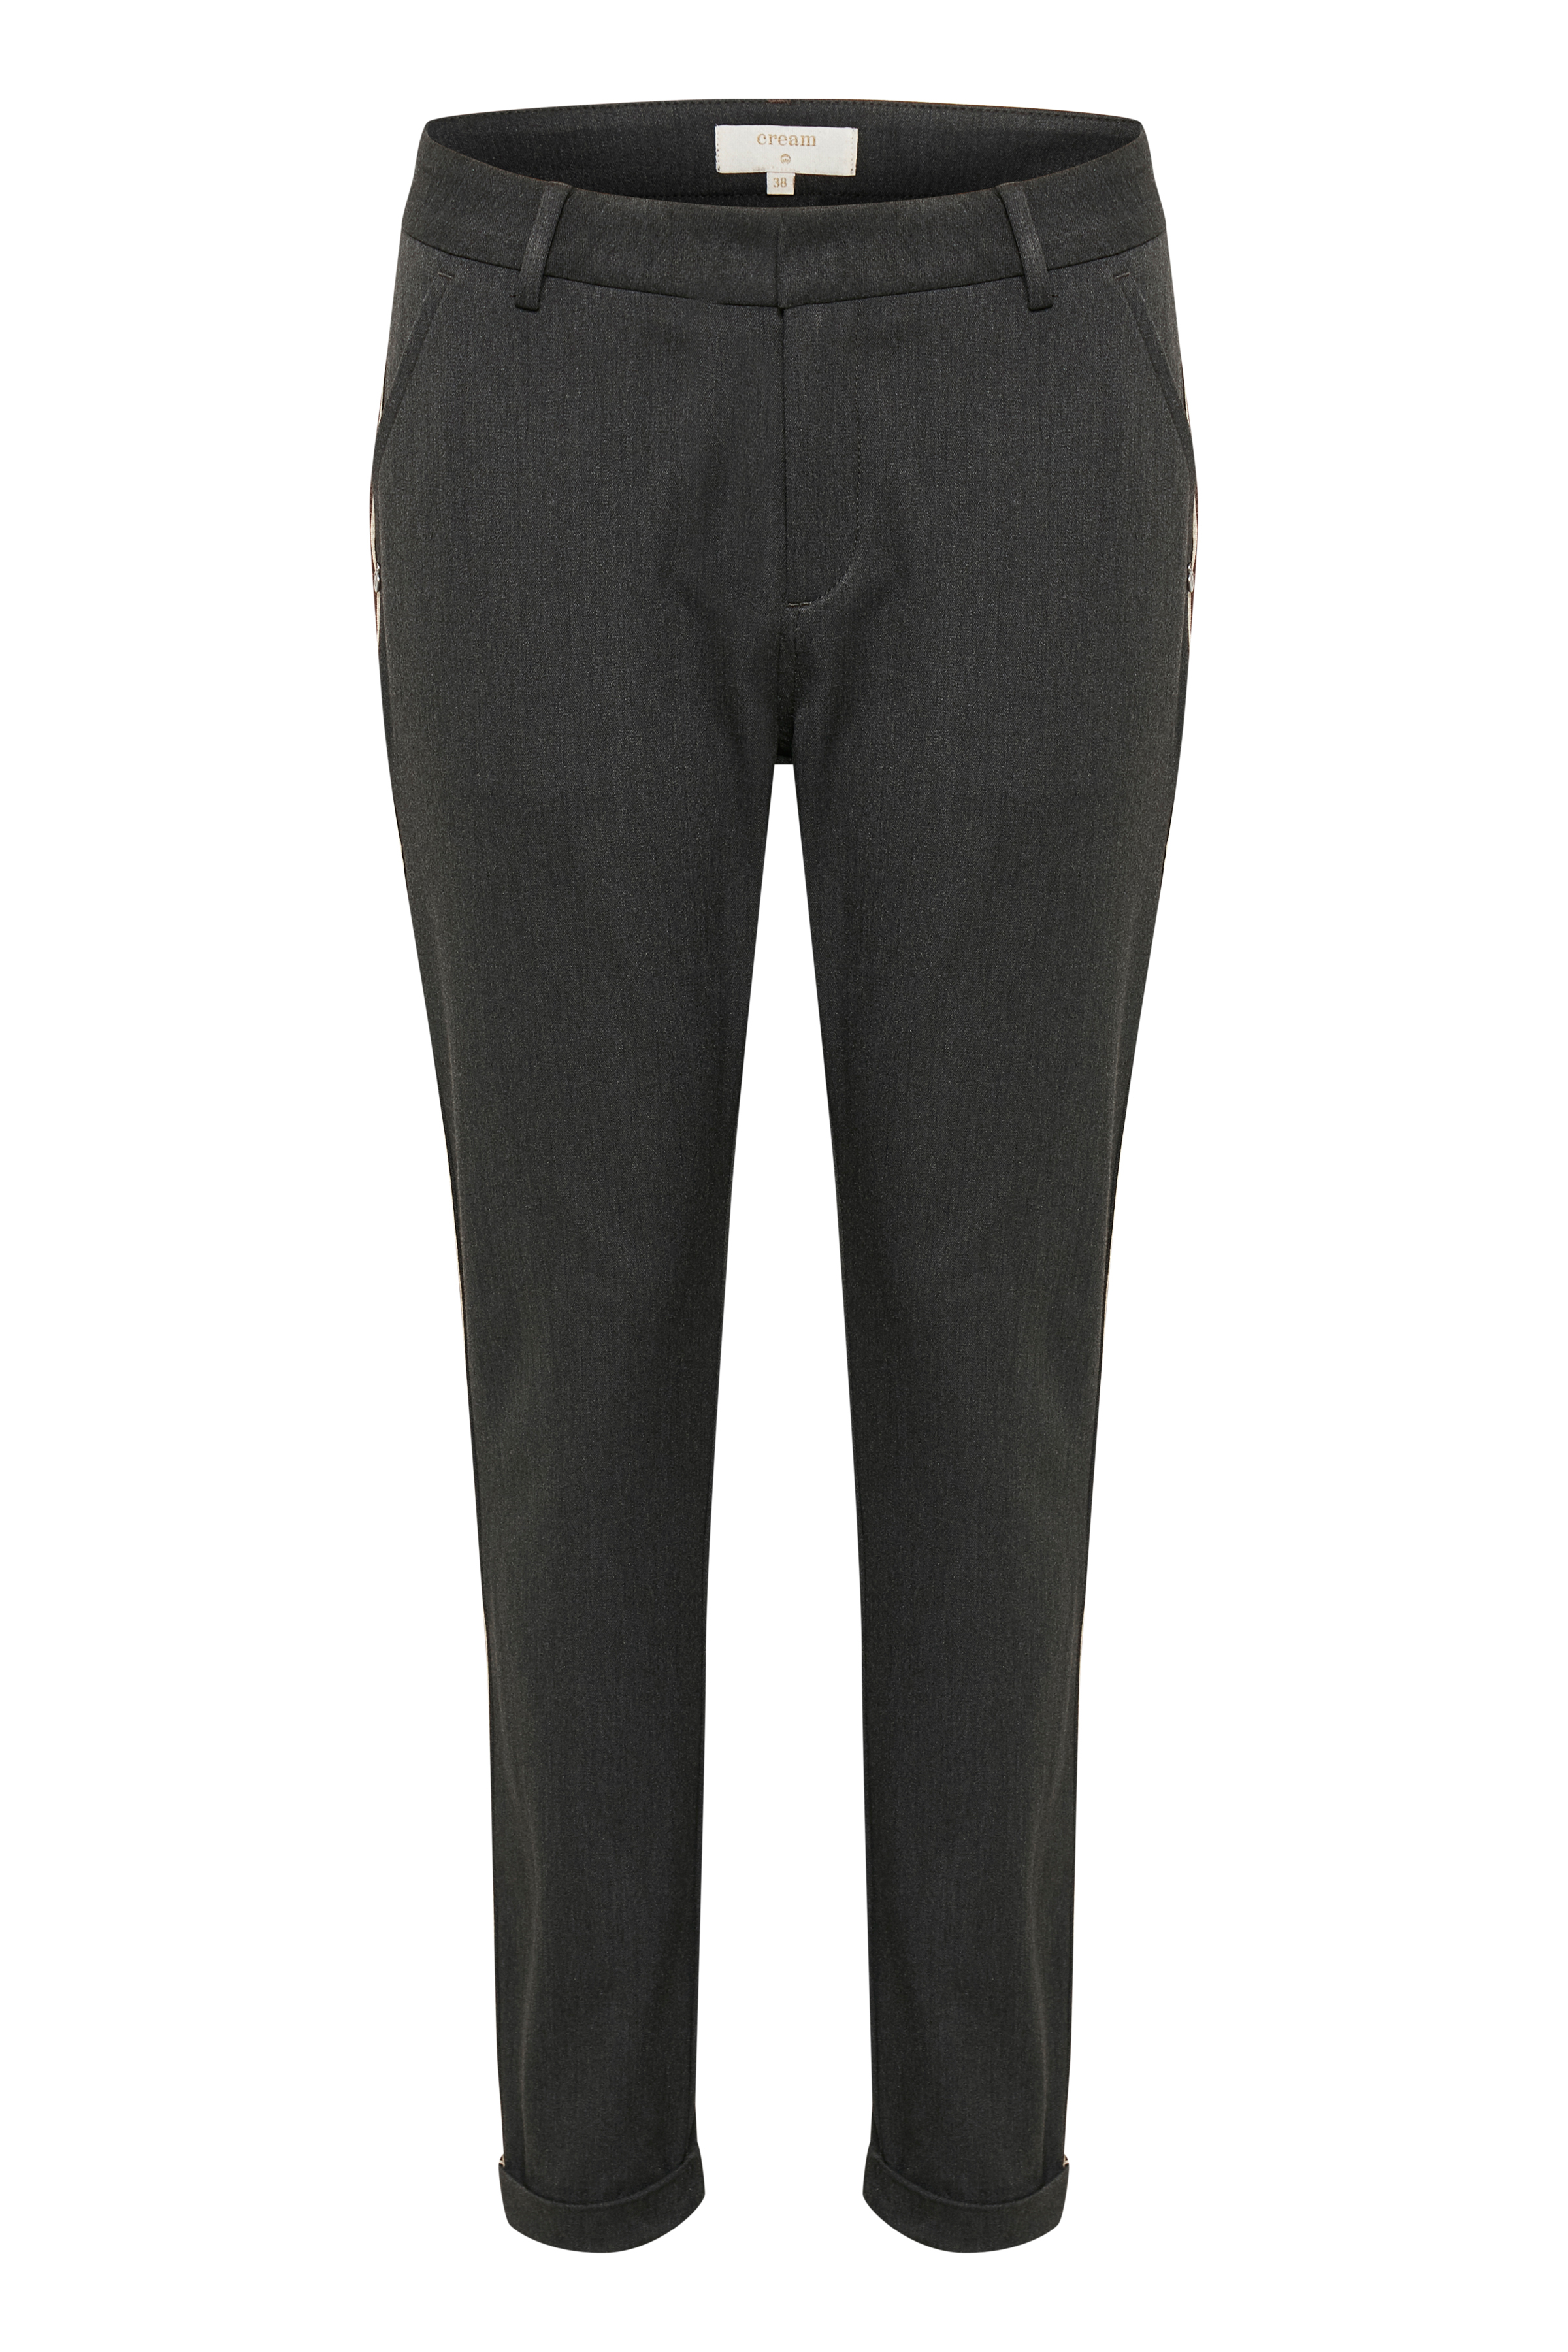 Mørk gråmeleret Casual bukser fra Cream – Køb Mørk gråmeleret Casual bukser fra str. 34-46 her